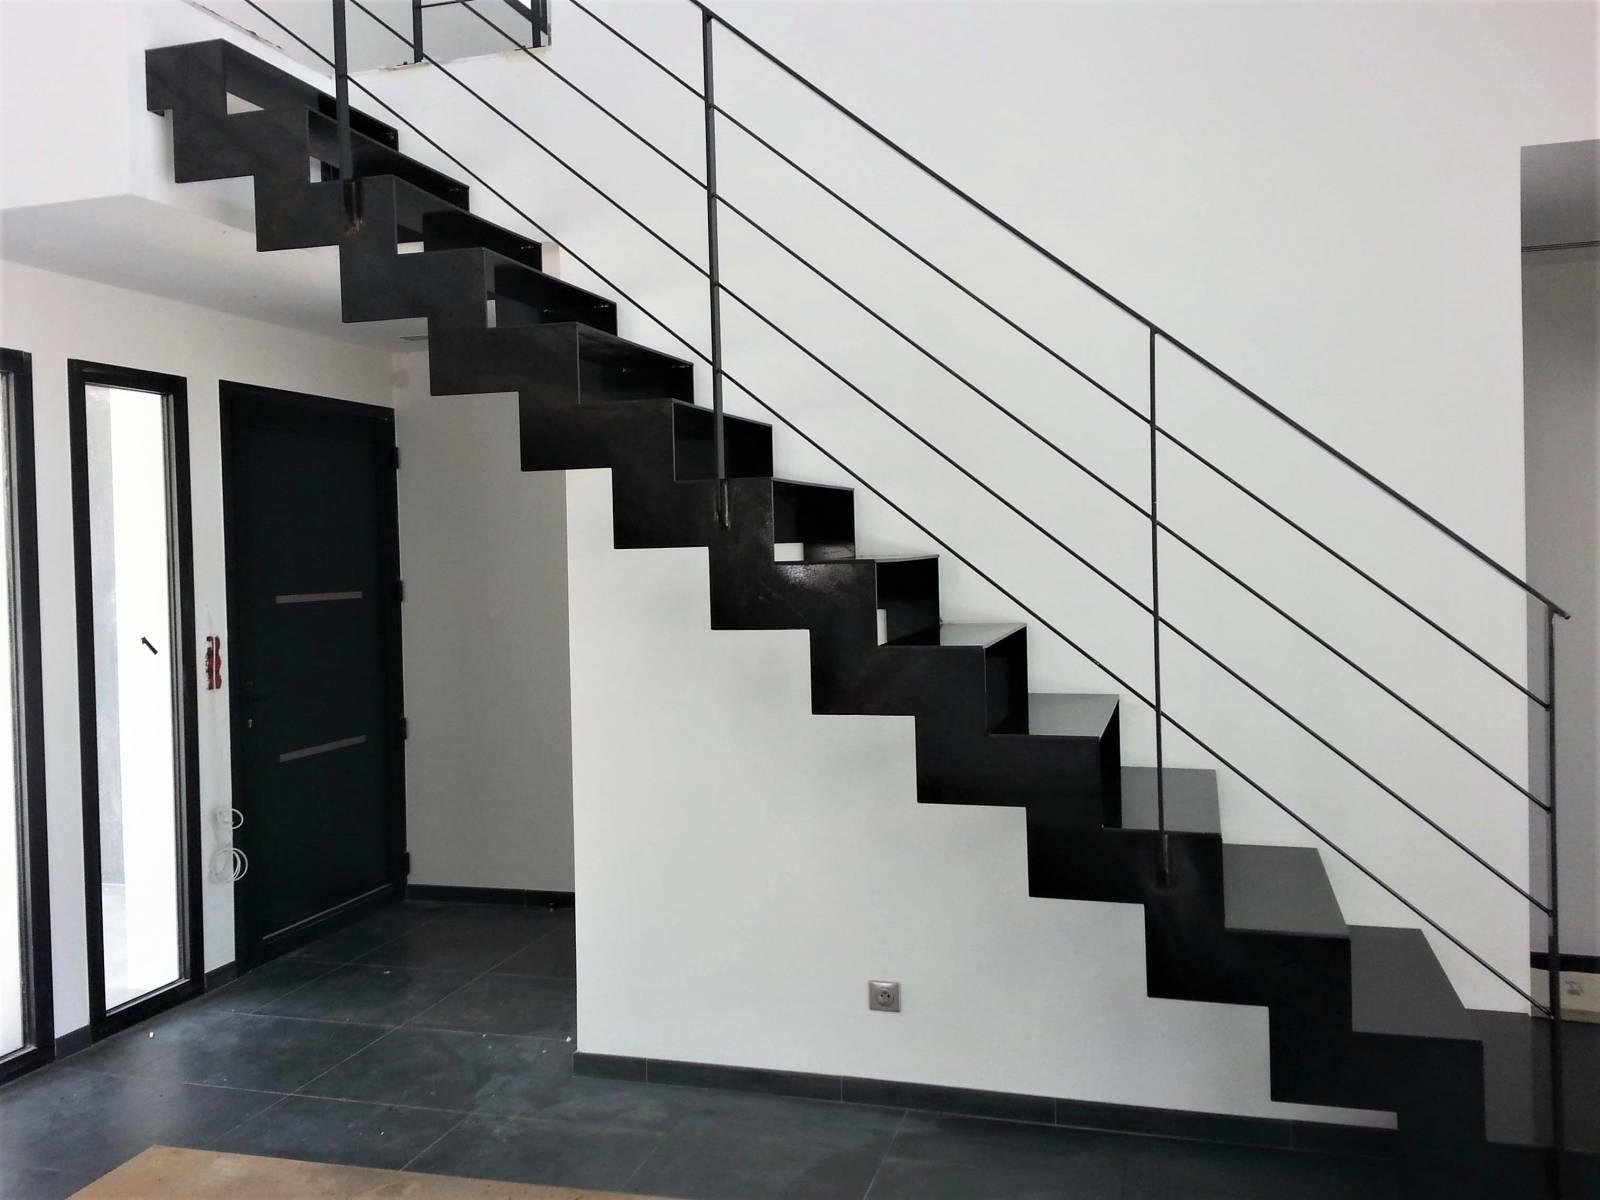 escalier m tallique cr mailleres atelier des escaliers aubaret. Black Bedroom Furniture Sets. Home Design Ideas